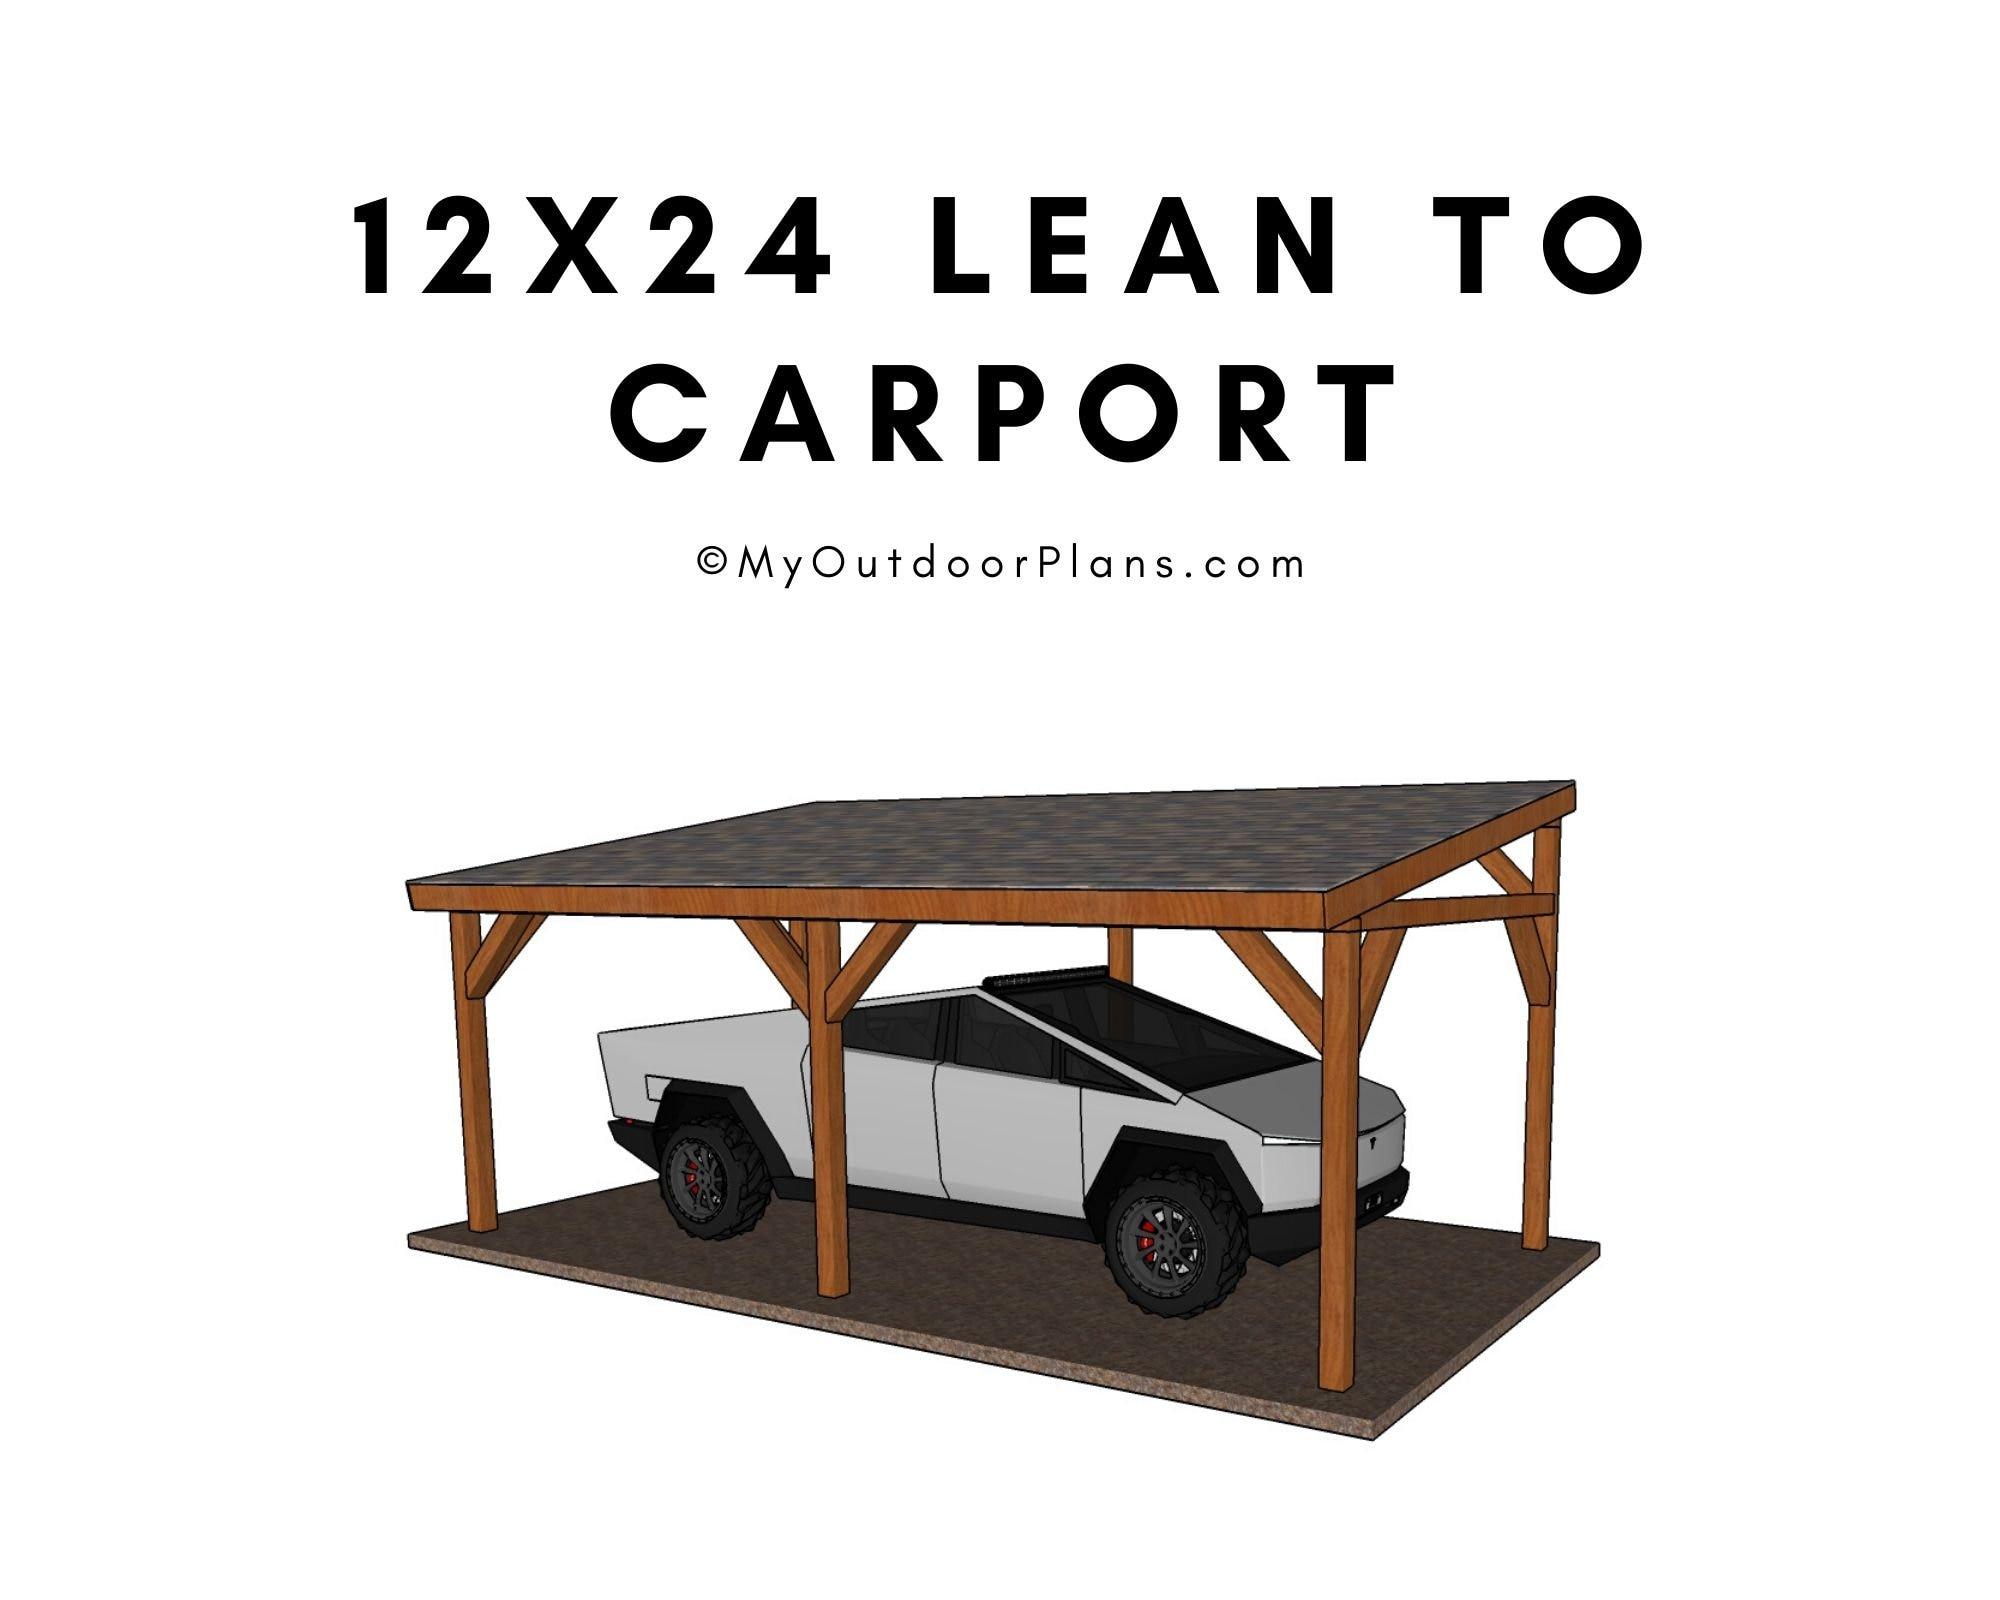 Diy Lean To Carport Plans 2021